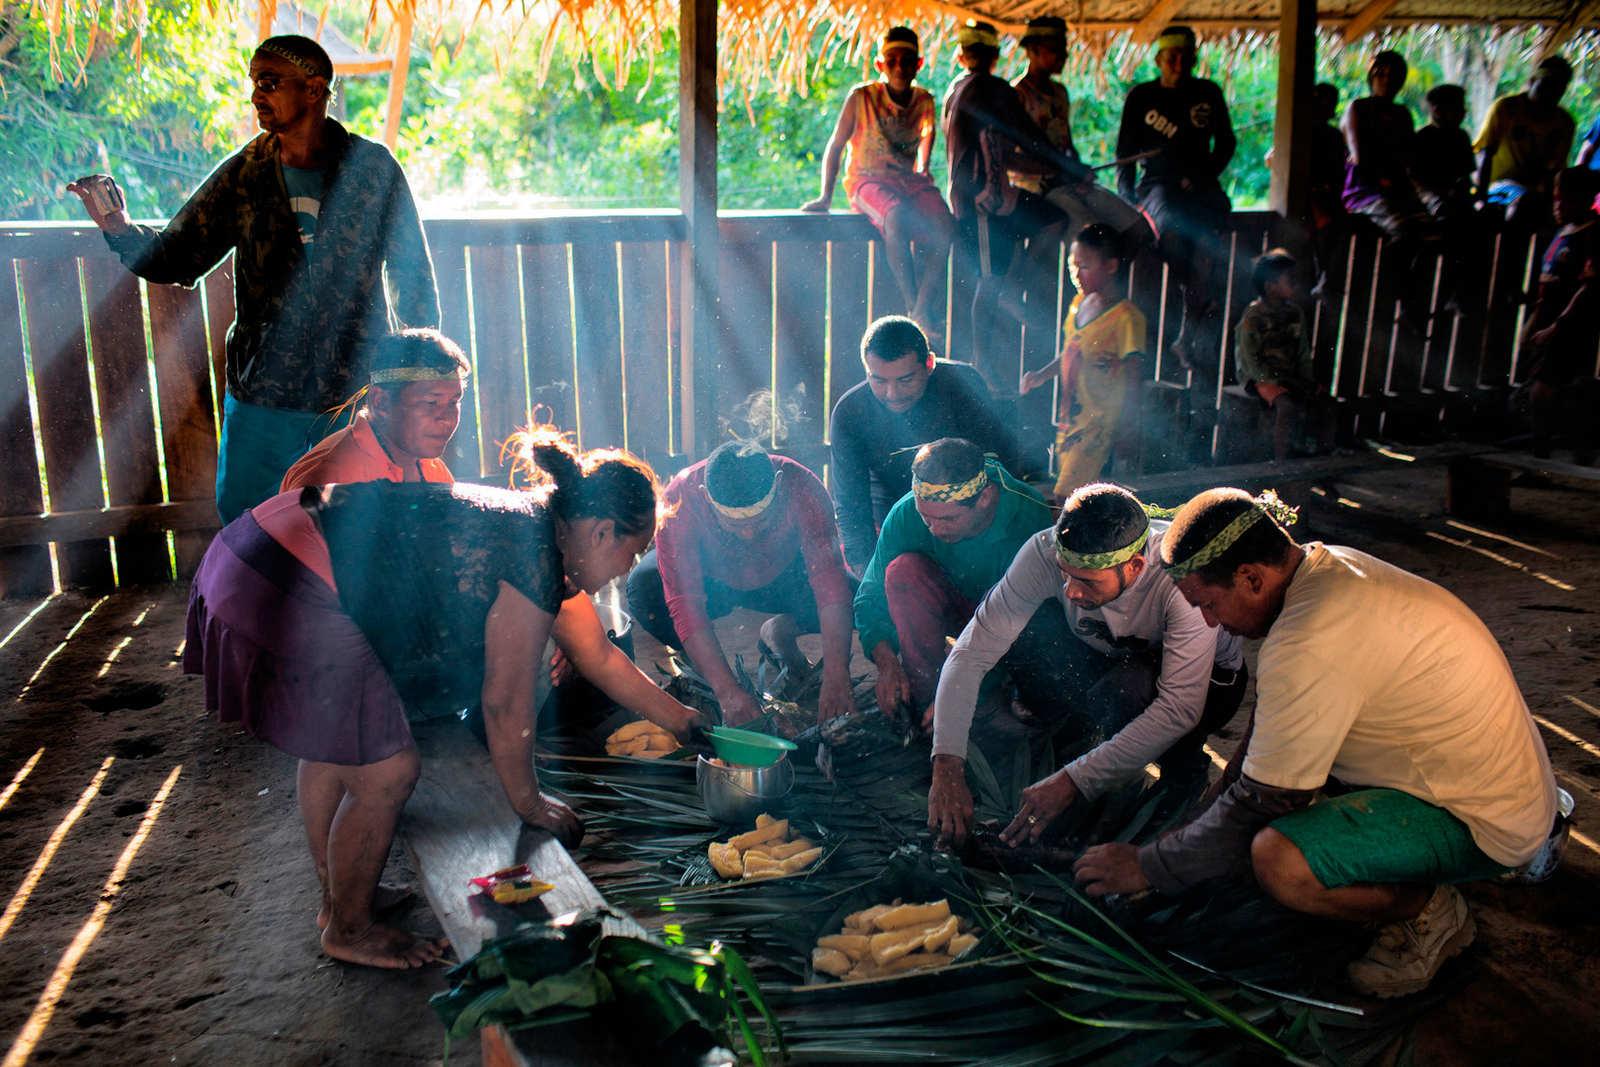 Ao inserir valores cristãos, a presença de missionários em aldeias pode impactar as tradições ancestrais e a organização social dos indígenas (Daniel Cangussu-FPE Madeira Purus/Funai)